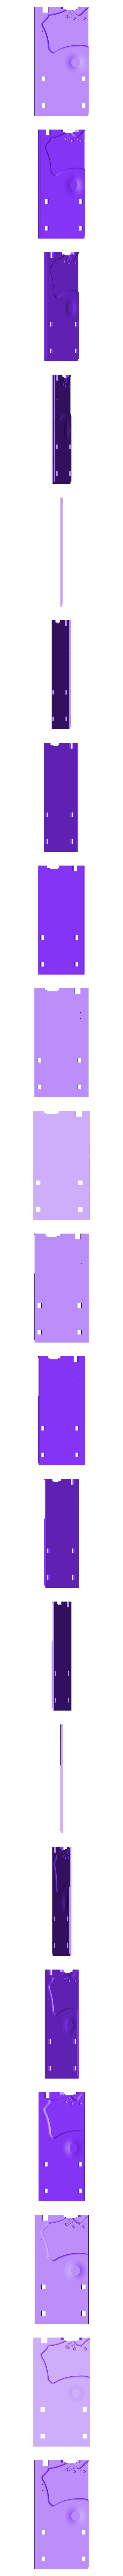 quay_base1.stl Télécharger fichier STL gratuit Ripper's London - Les égouts • Design pour imprimante 3D, Earsling